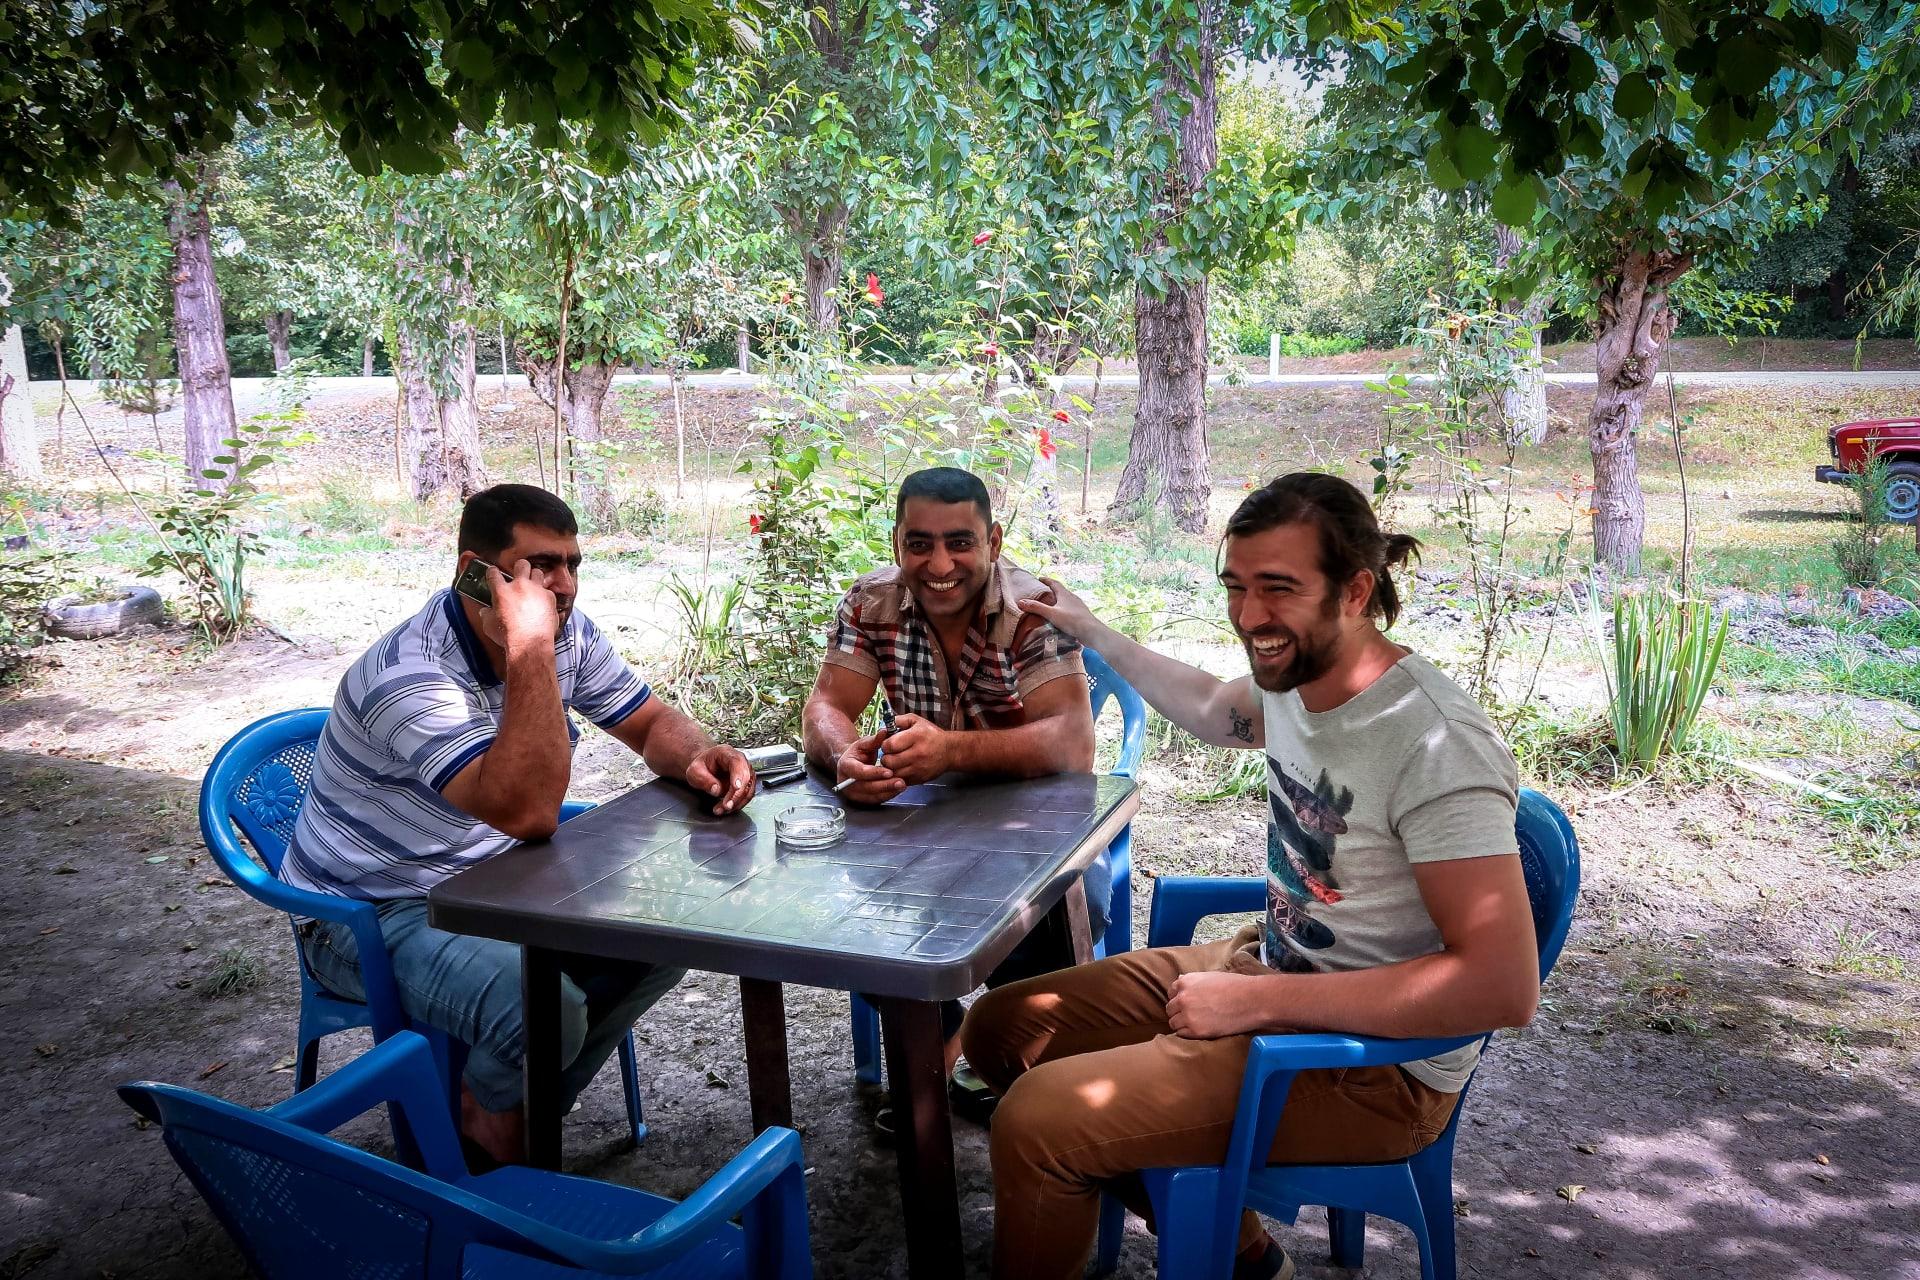 ضيافة خيالية.. ما الذي فاجأ هذا الثنائي عند جلوسهما على مقعد لوحدهما بأذربيجان؟